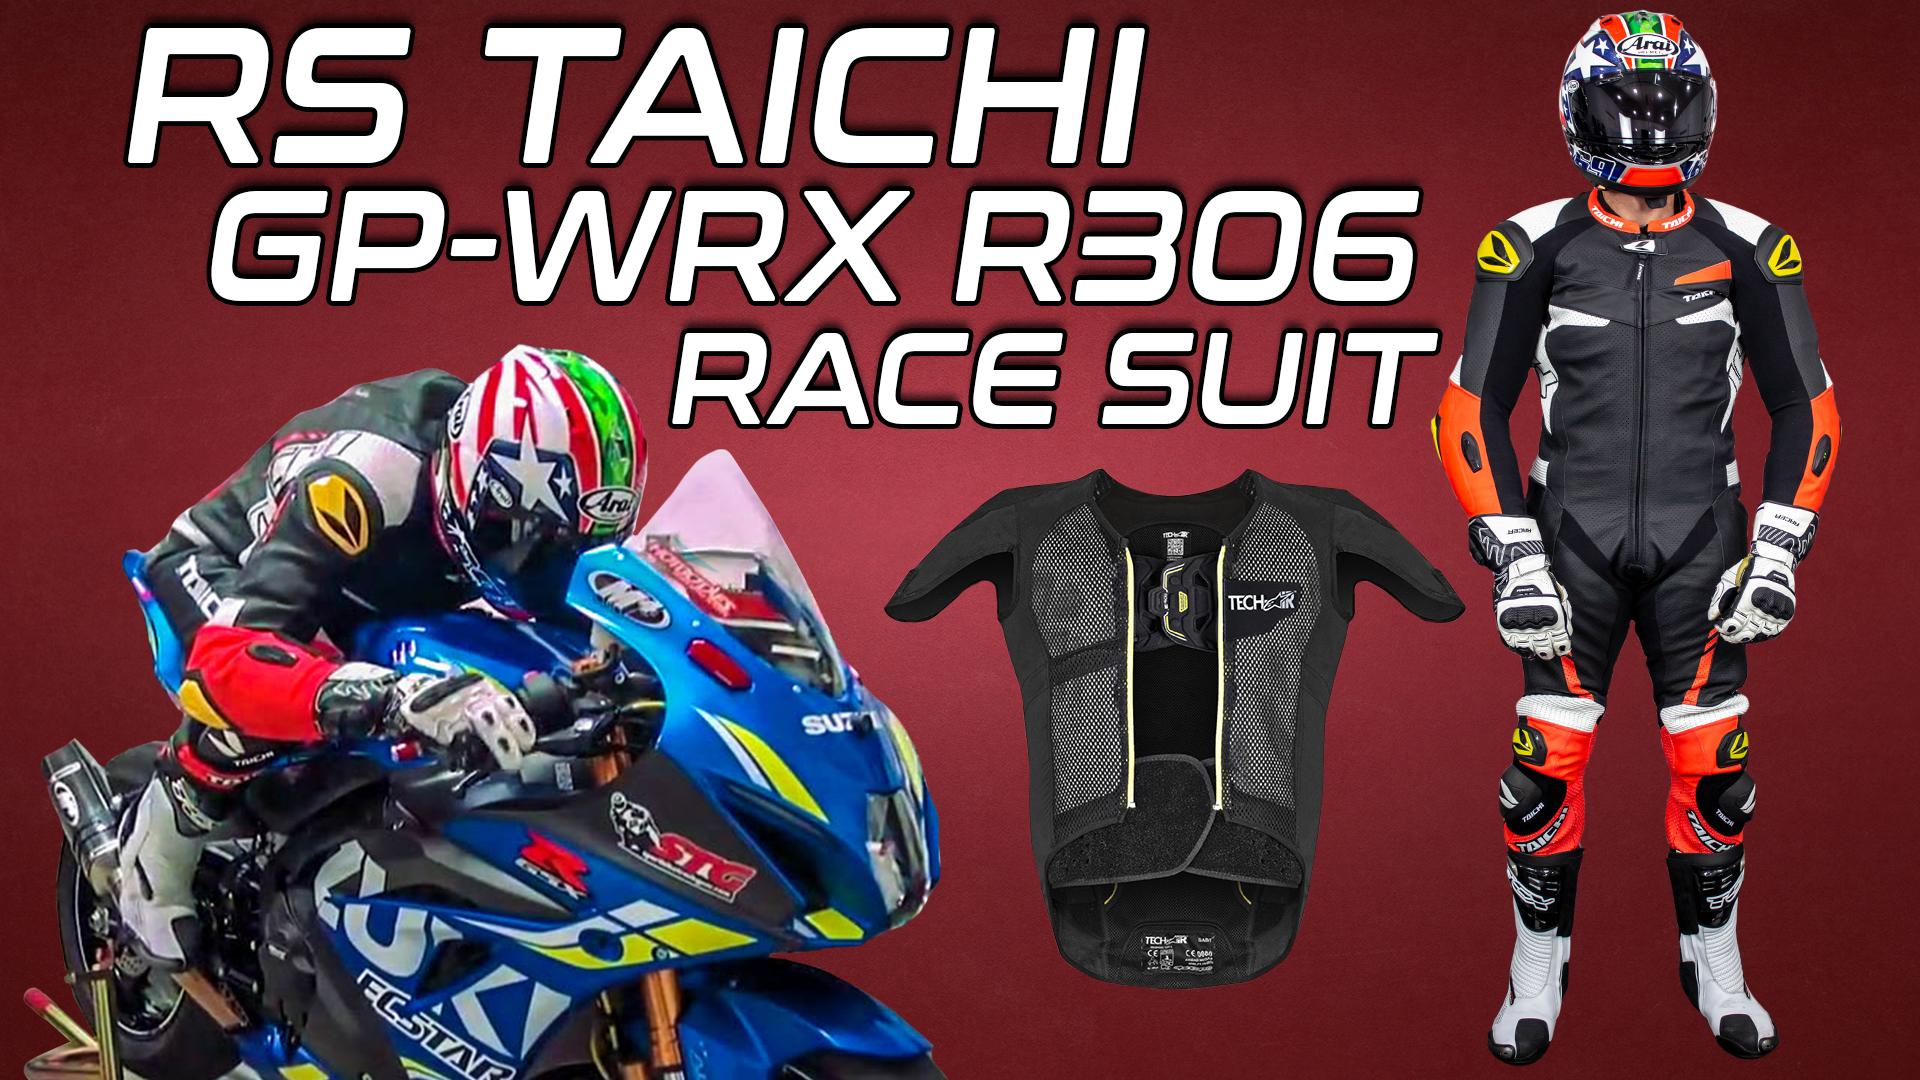 RS Taichi GP-WRX R306 Race Suit Tech-Air Compatible